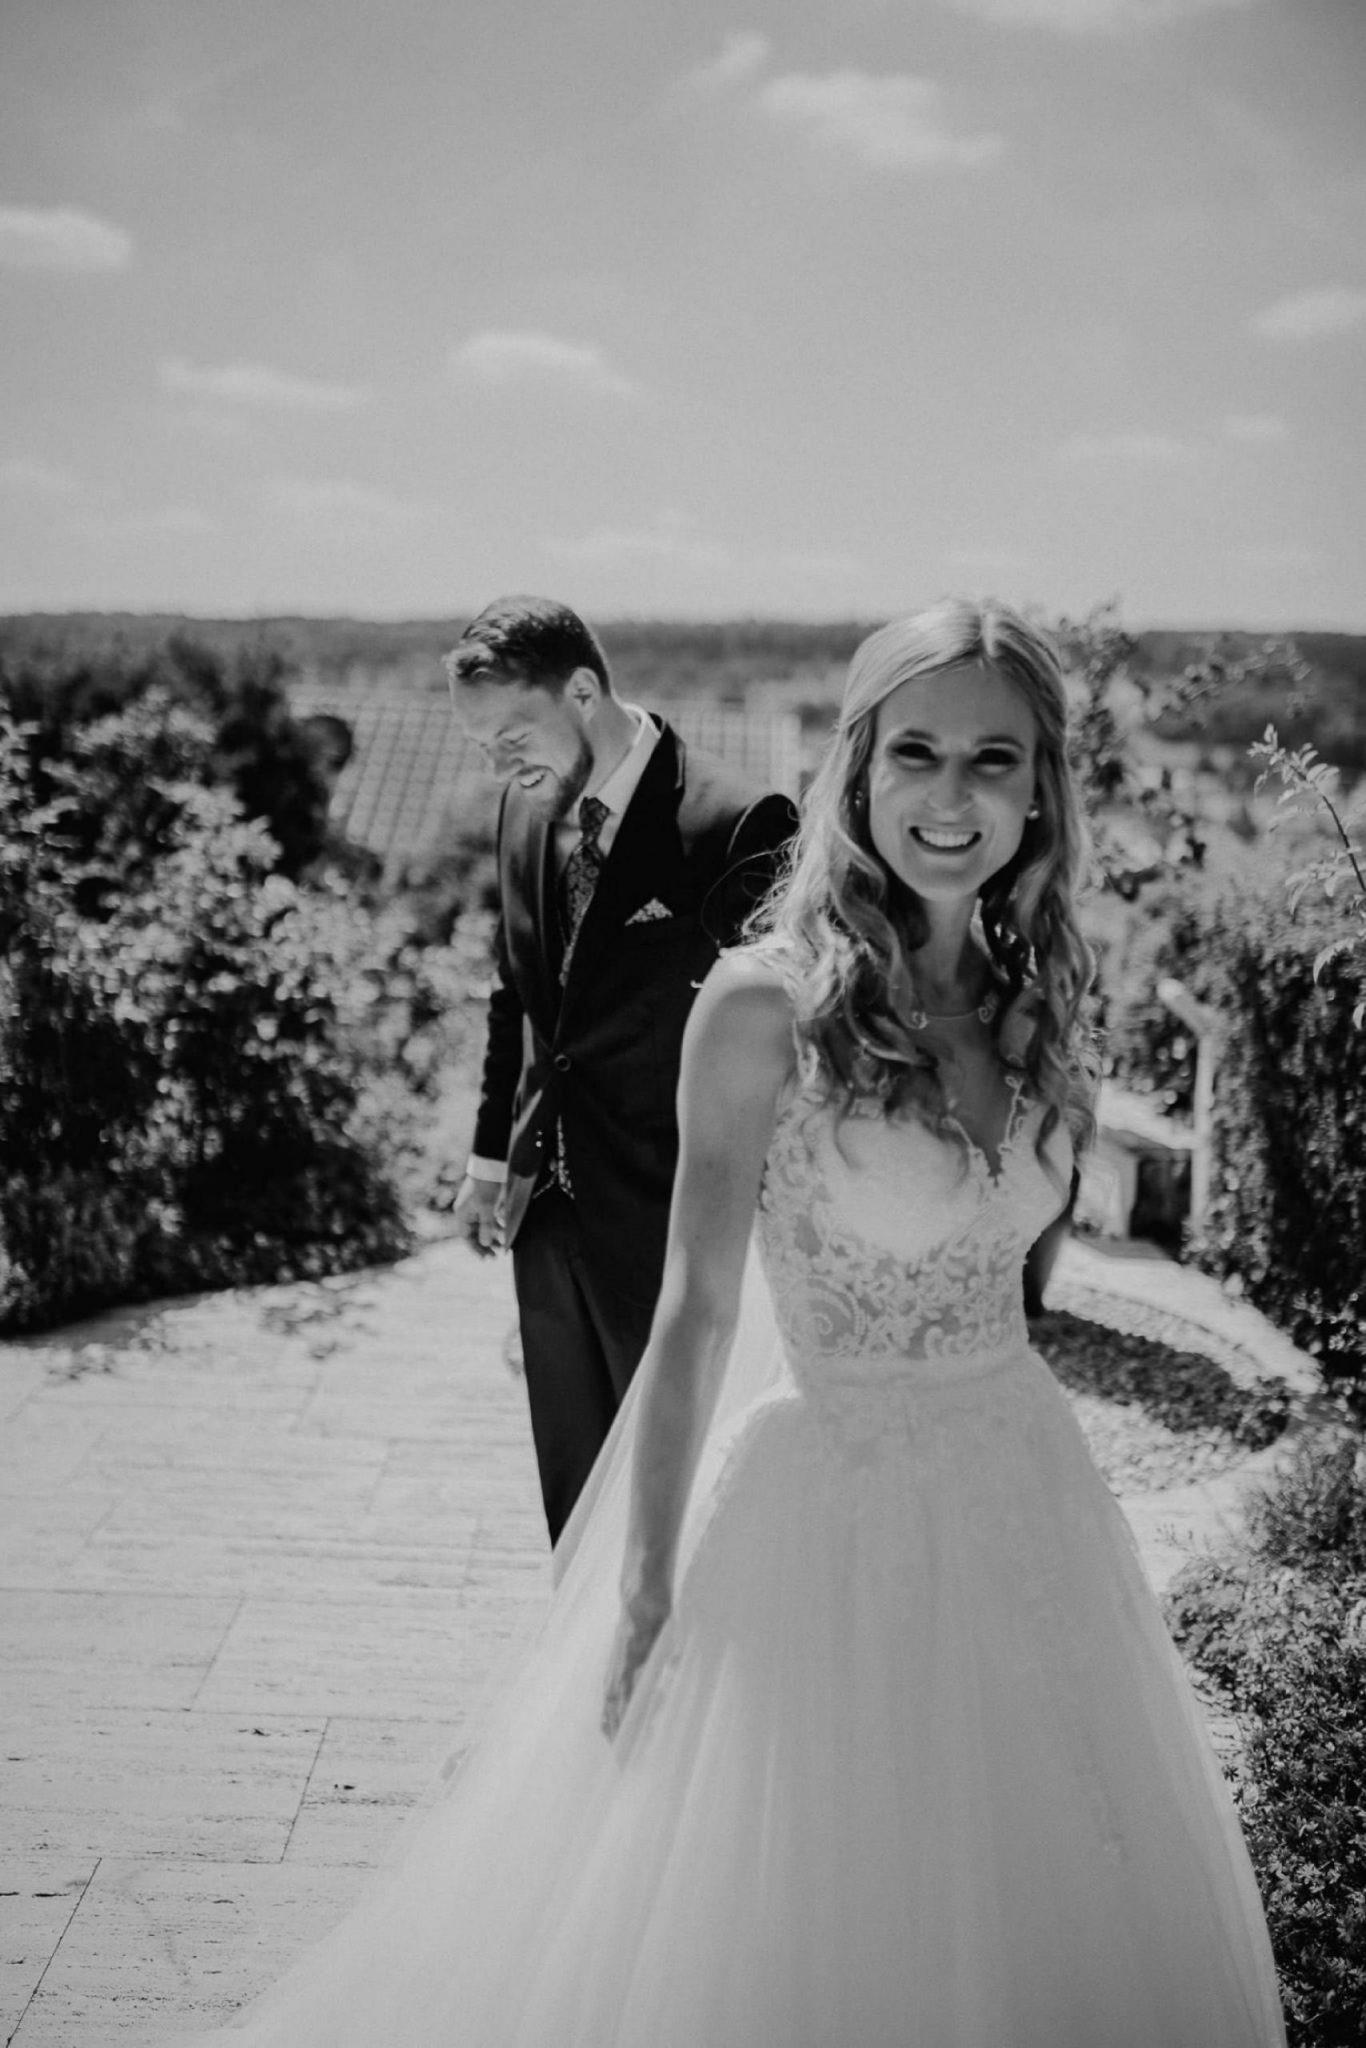 wedding photographer hamilton new zealand 1011 2 scaled